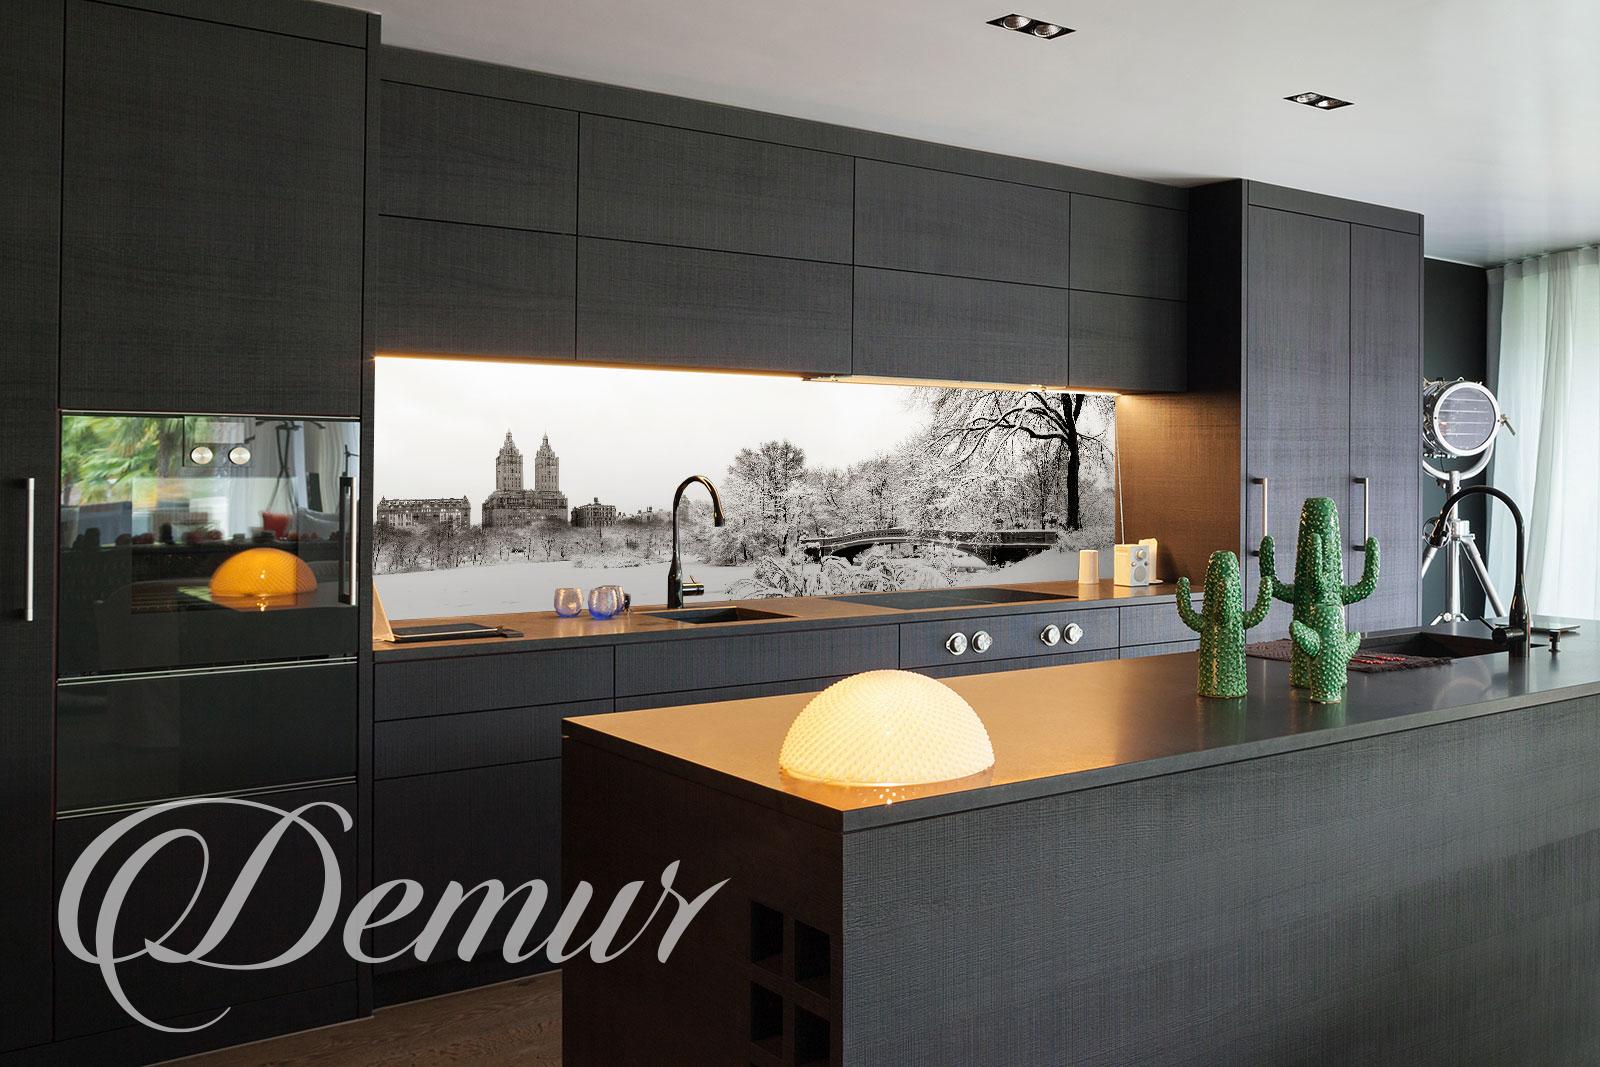 Fototapeta Central Park - Fototapety do kuchni pod szafki - Demur